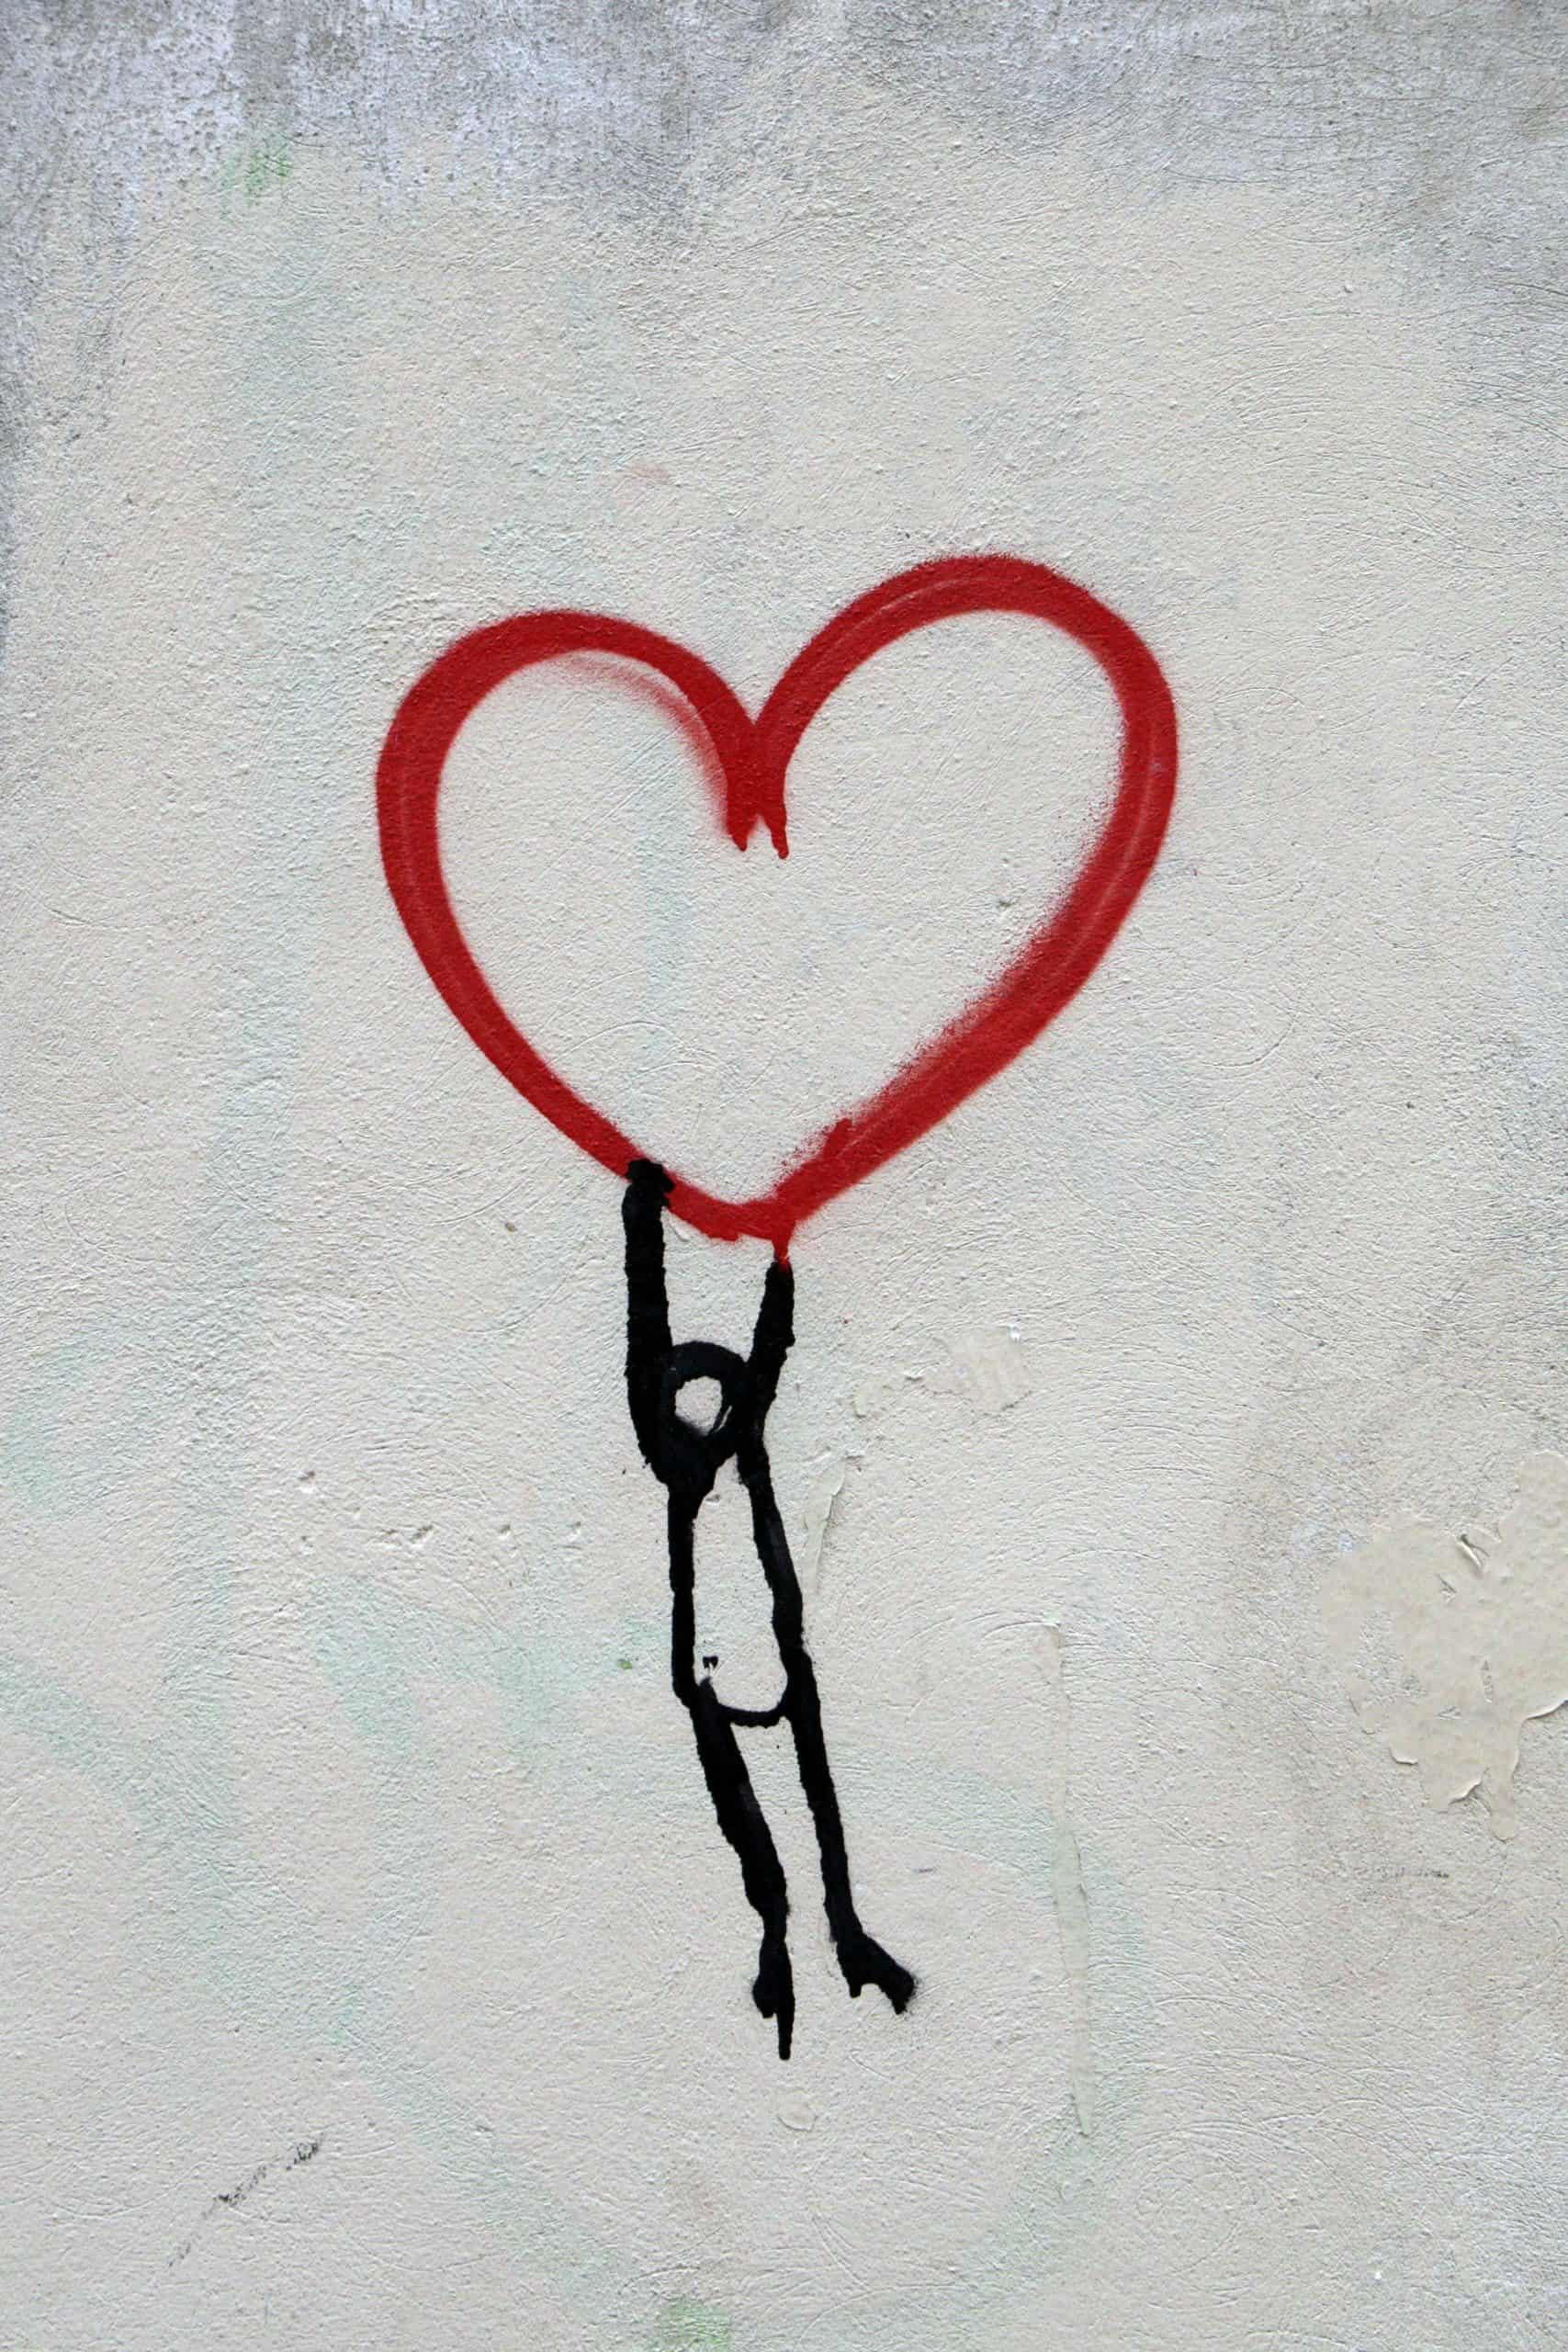 Hängande tecknad figur i ett rött hjärta